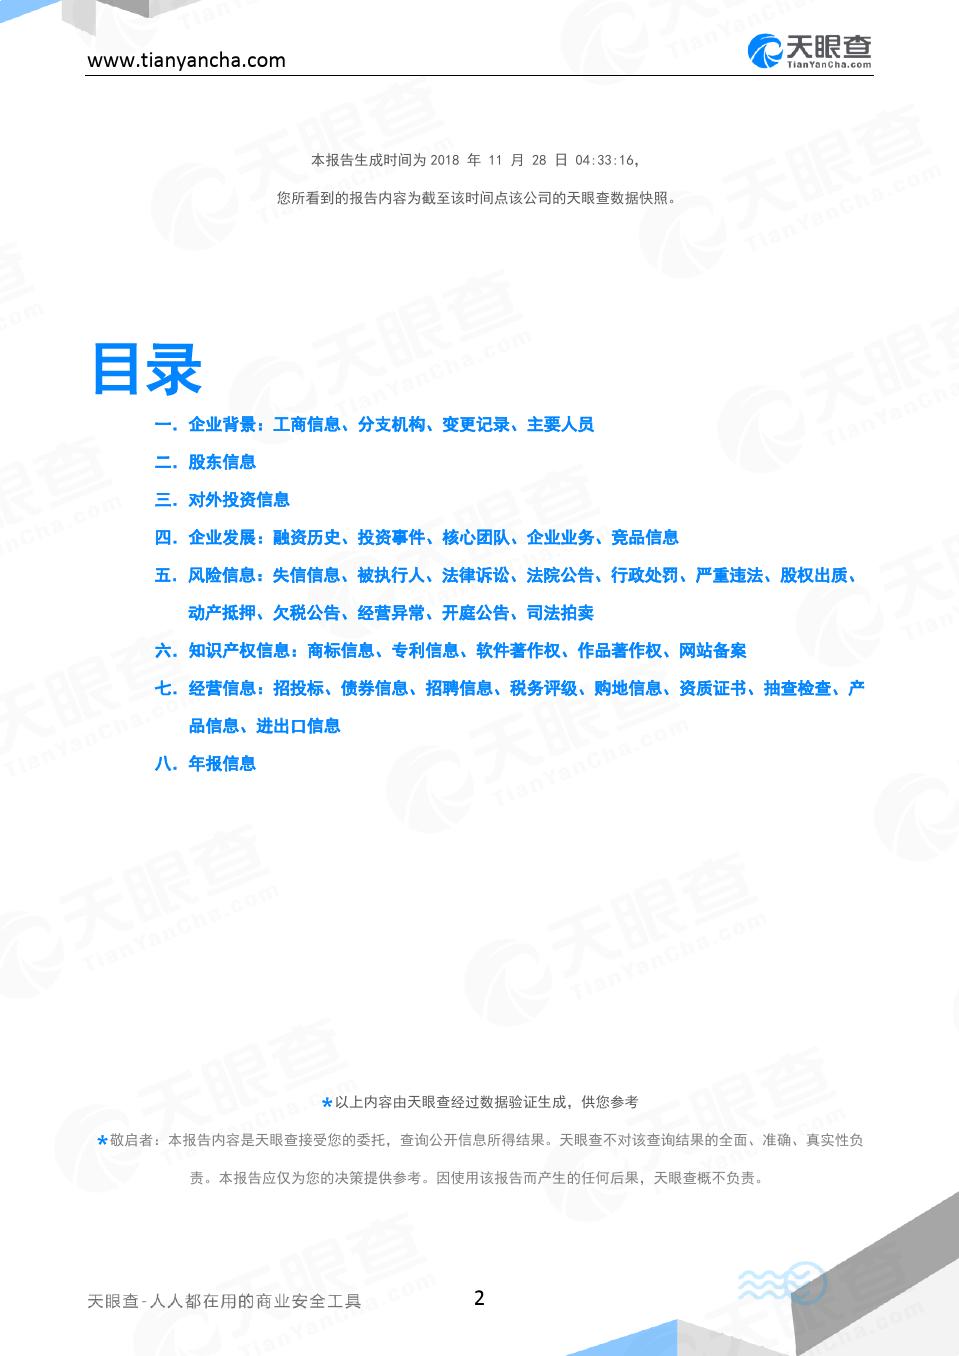 广西乐业农村商业银行股份有限公司马庄支行企业信用报告-天眼查